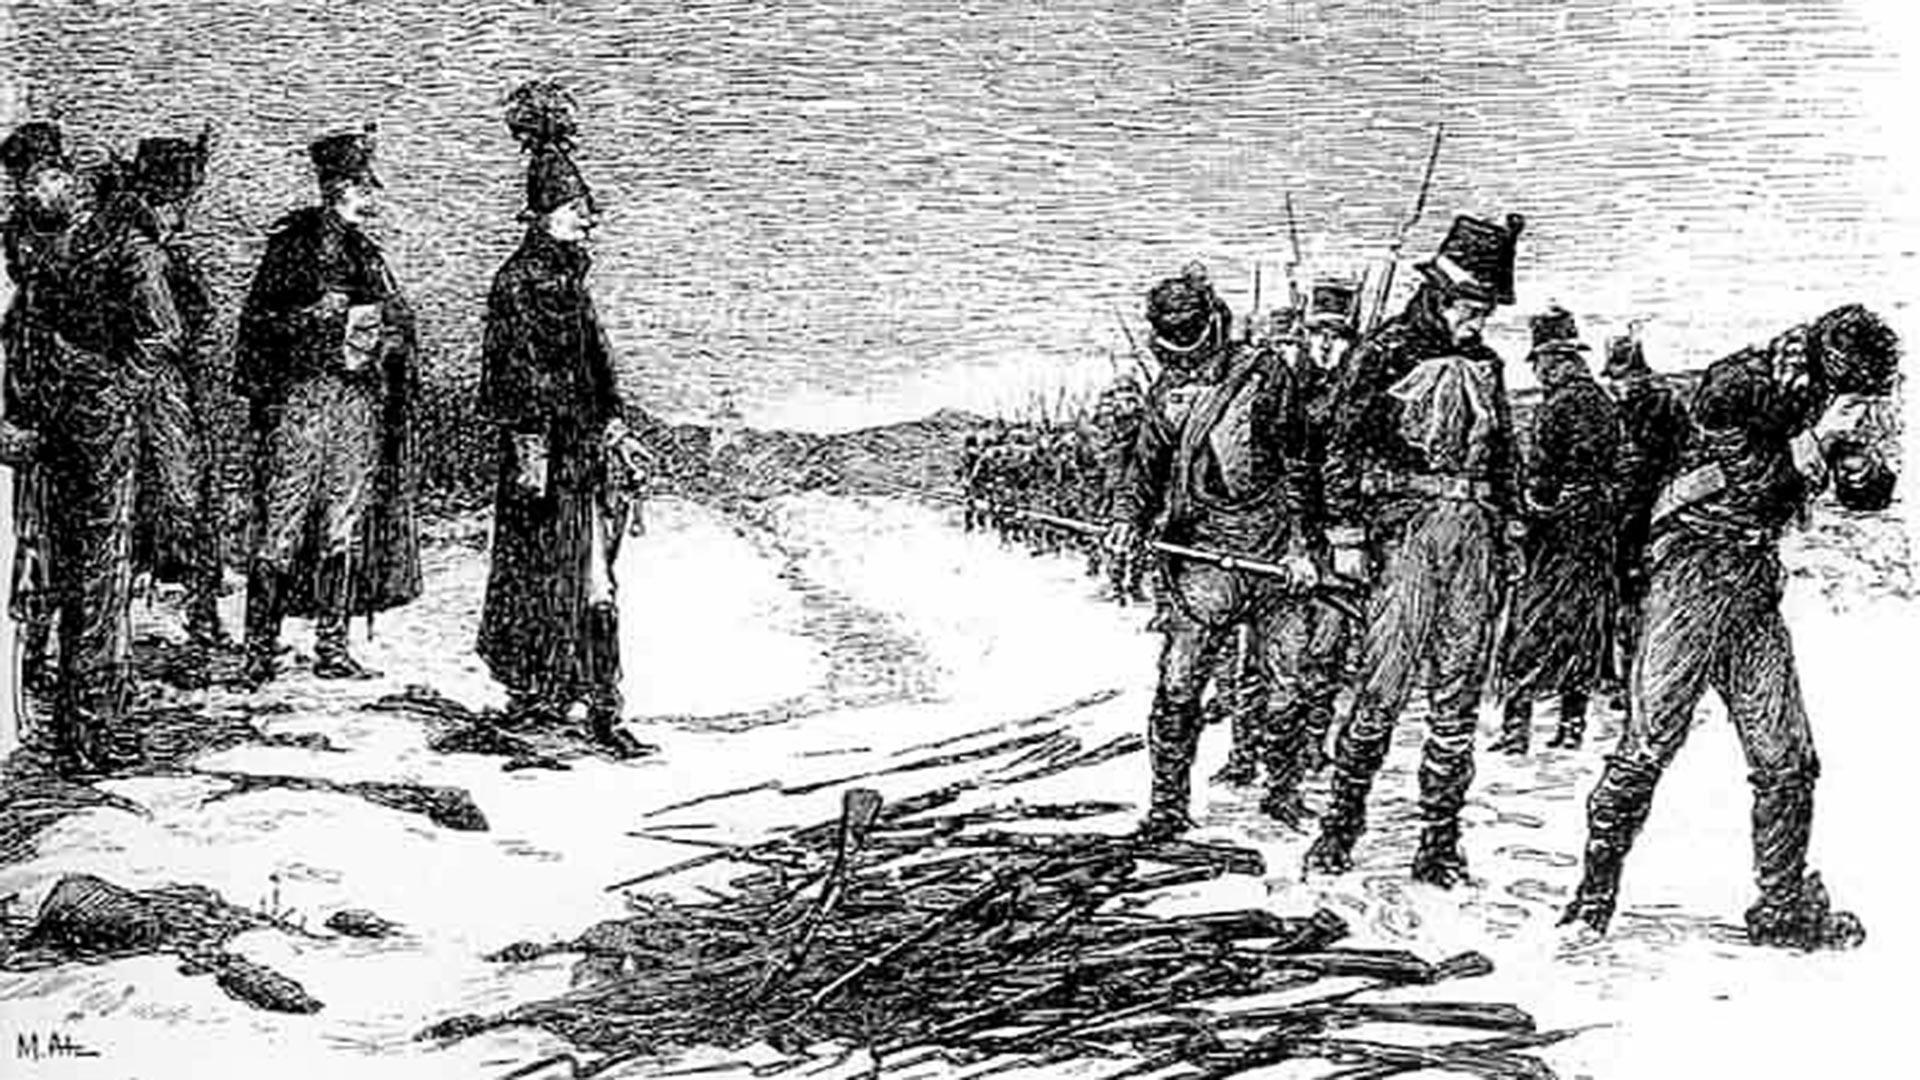 Los suecos se rinden en Finlandia en 1808.